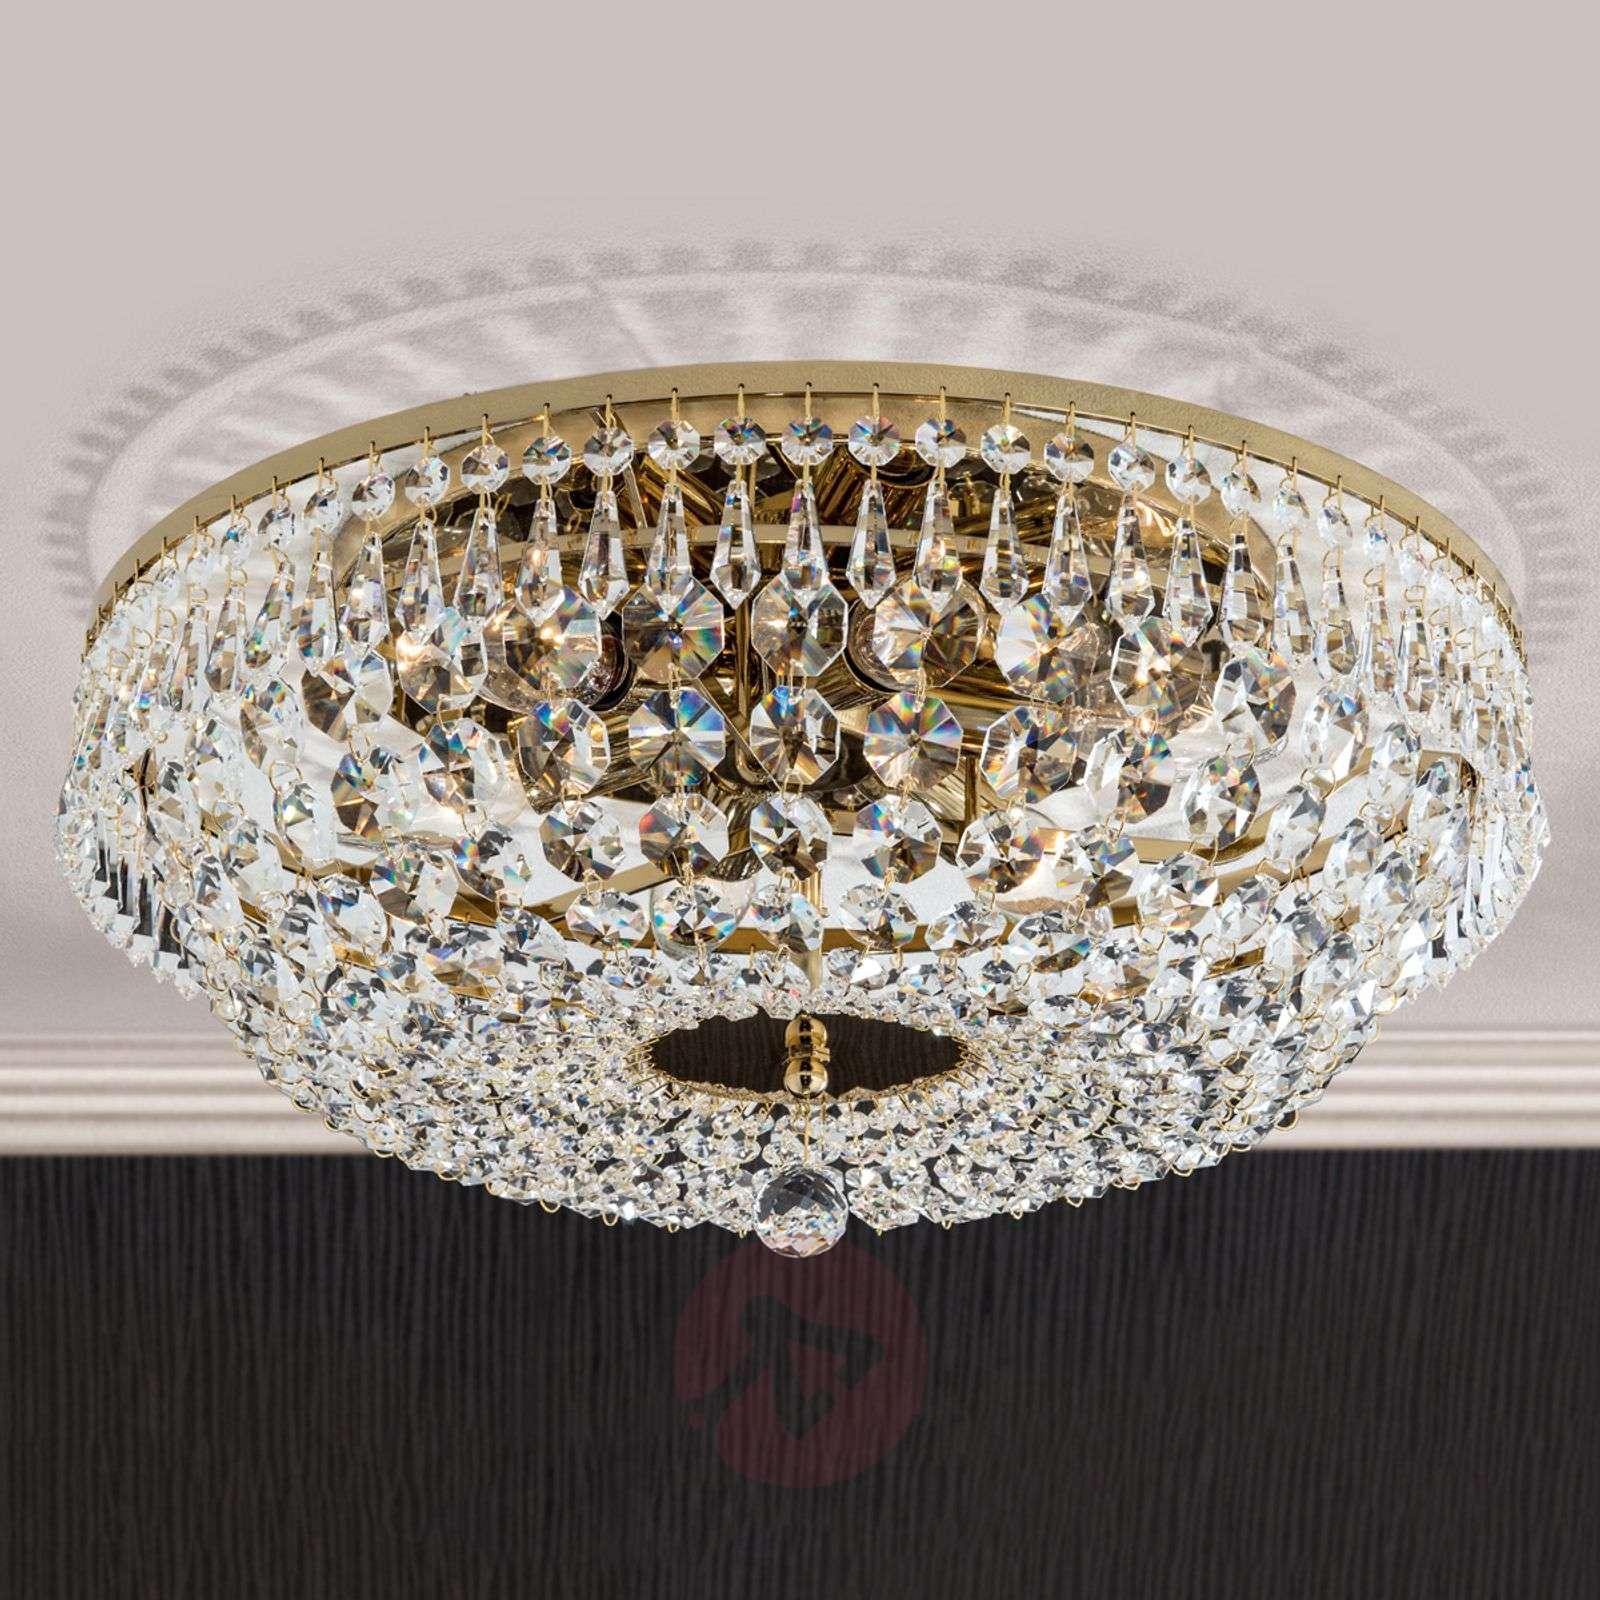 Pyöreä kristallikattokruunu SHERATA, kulta 45cm-7254127-01